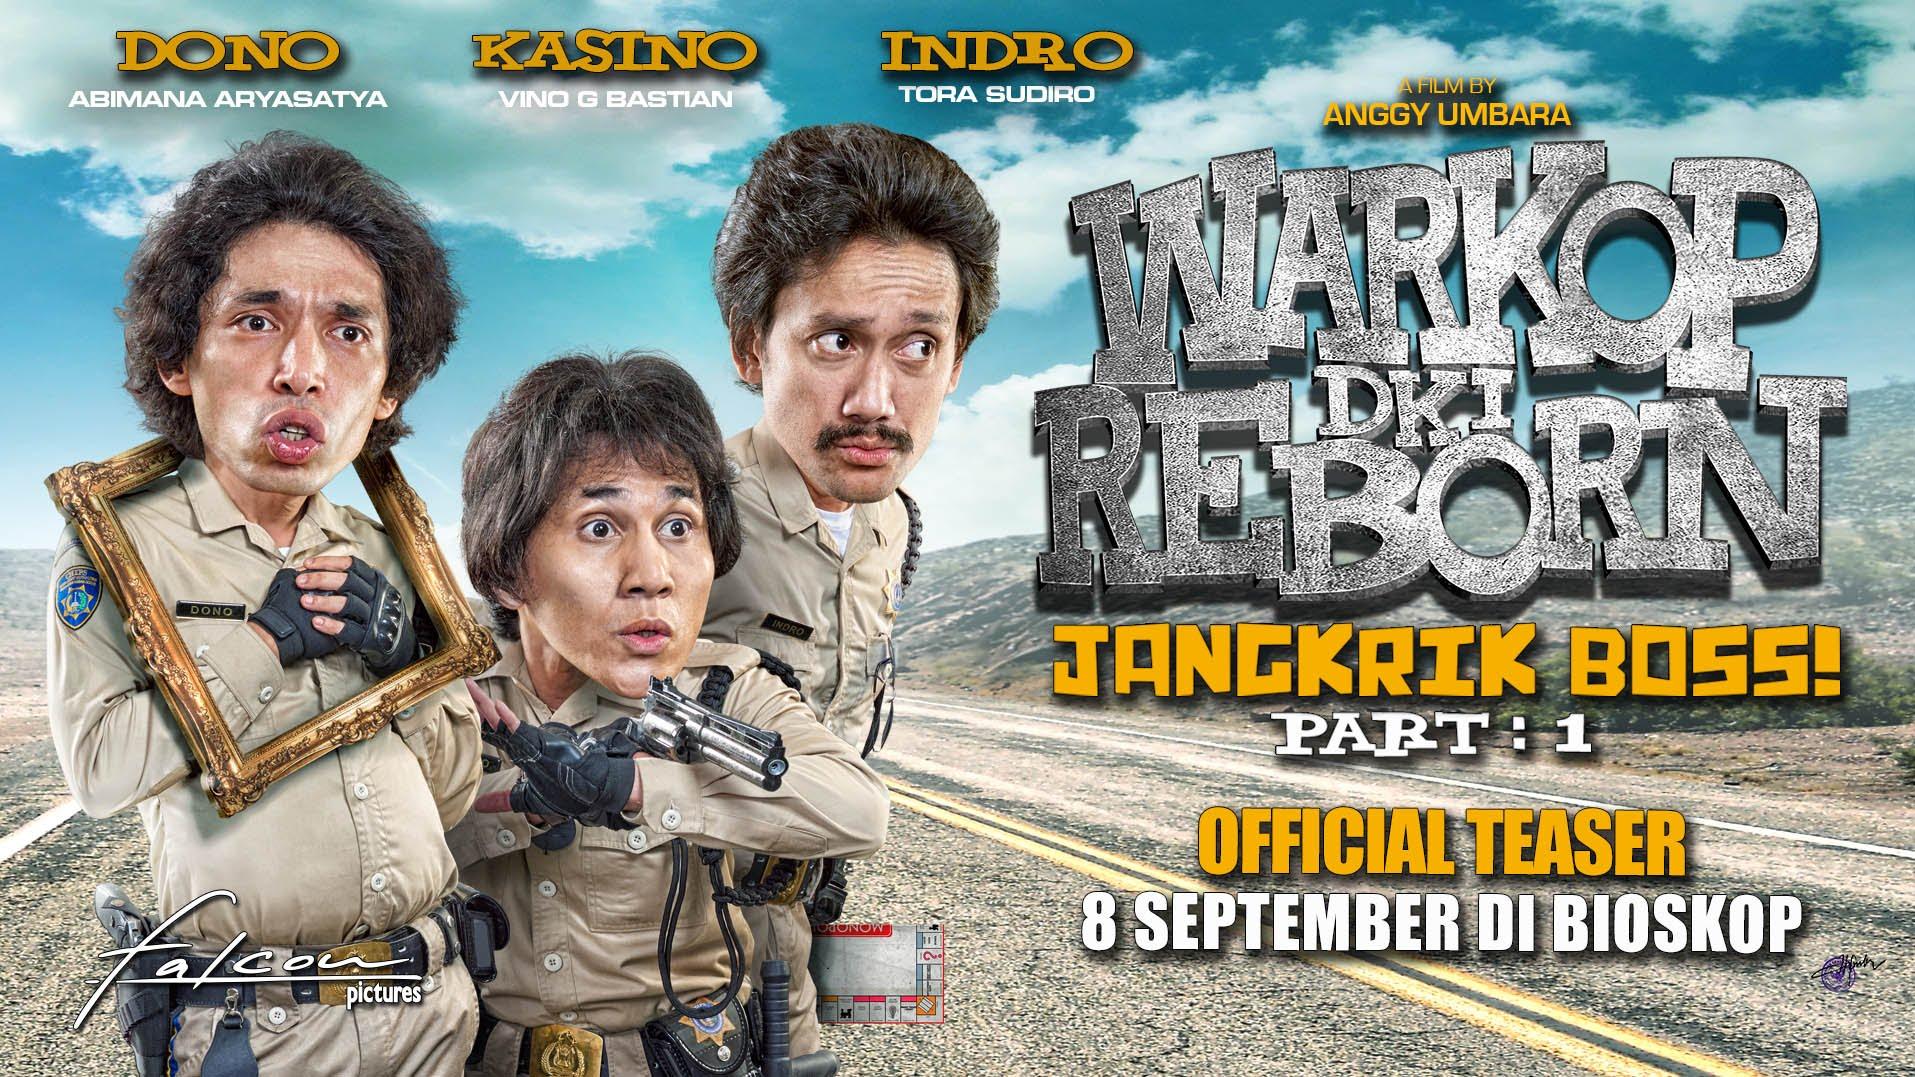 4 Fakta mengejutkan film Warkop DKI Reborn, kamu pasti nggak nyangka!